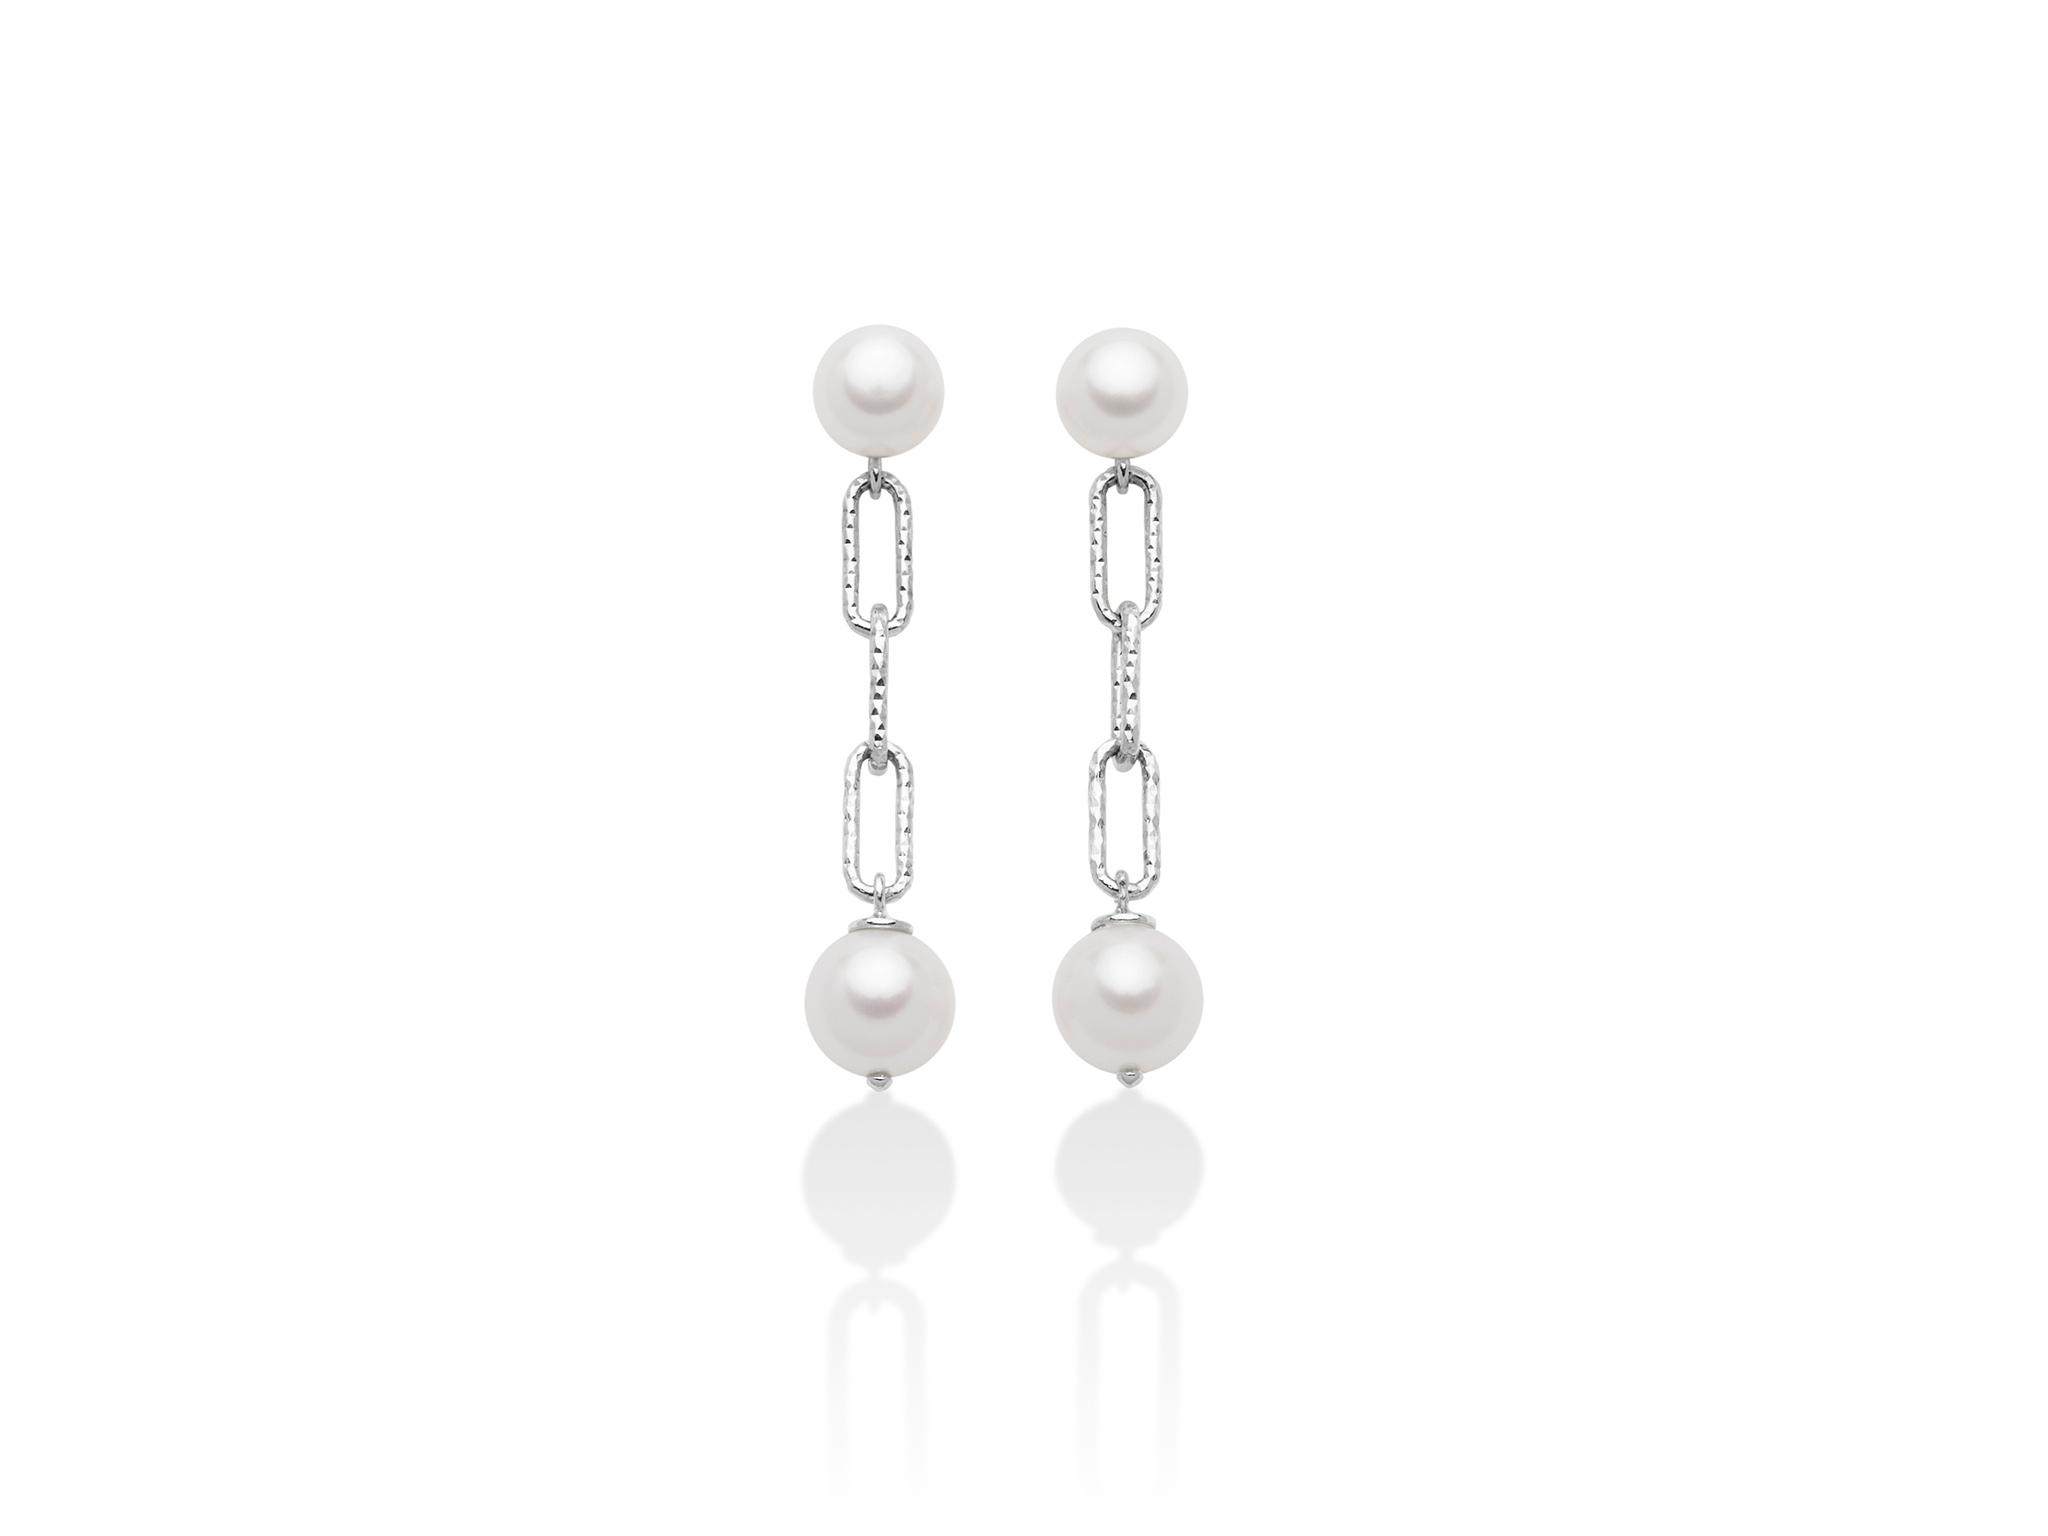 Orecchini pendenti, con catena, con perle in argento - PER2511